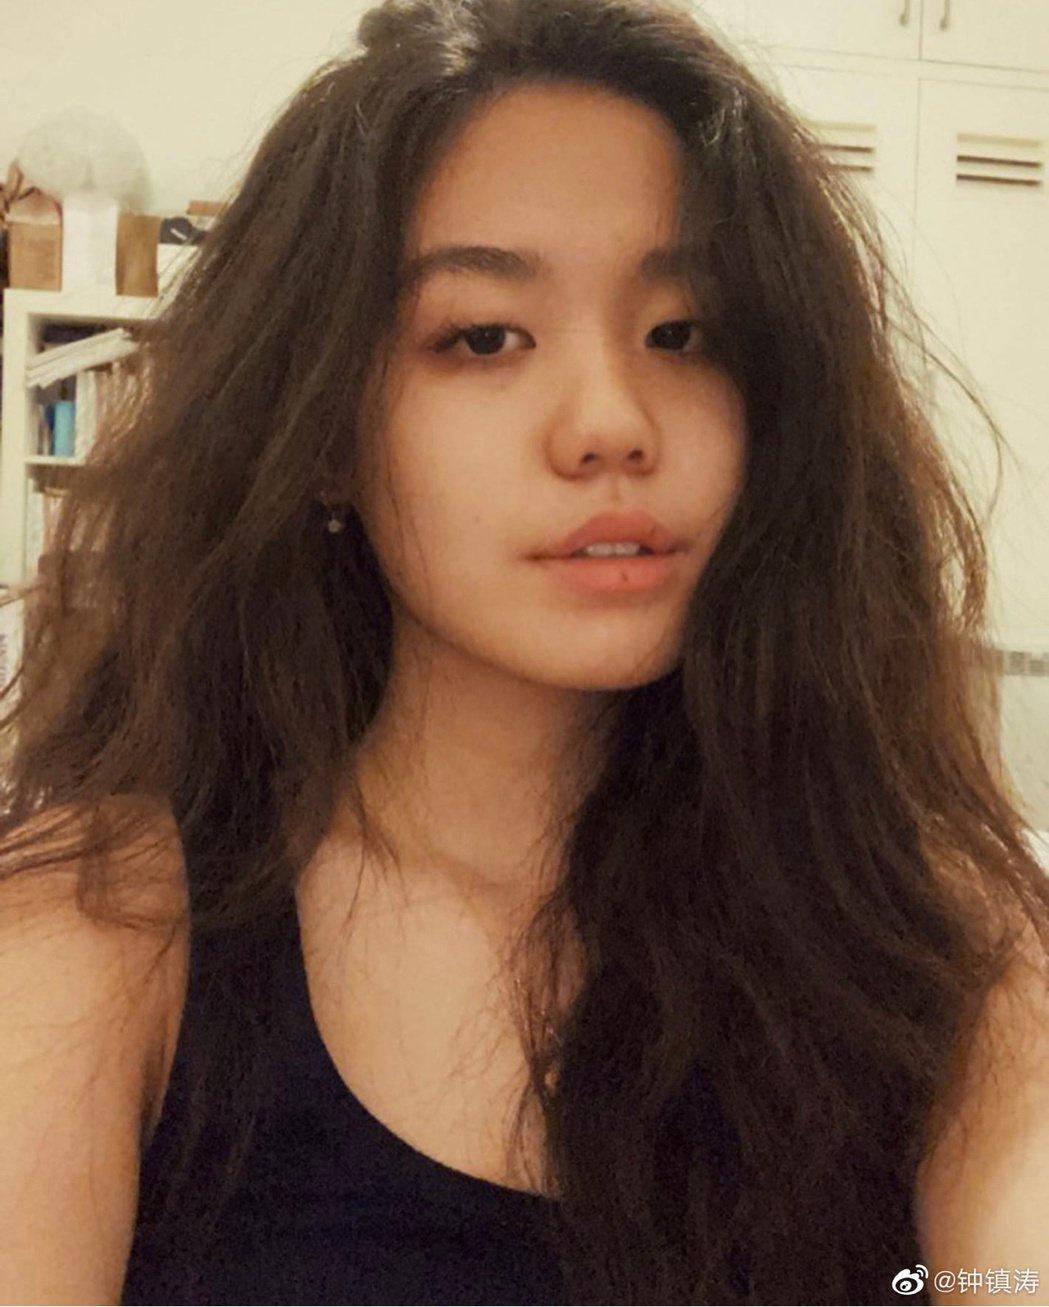 鍾鎮濤秀出女兒照片慶生。圖/擷自鍾鎮濤微博